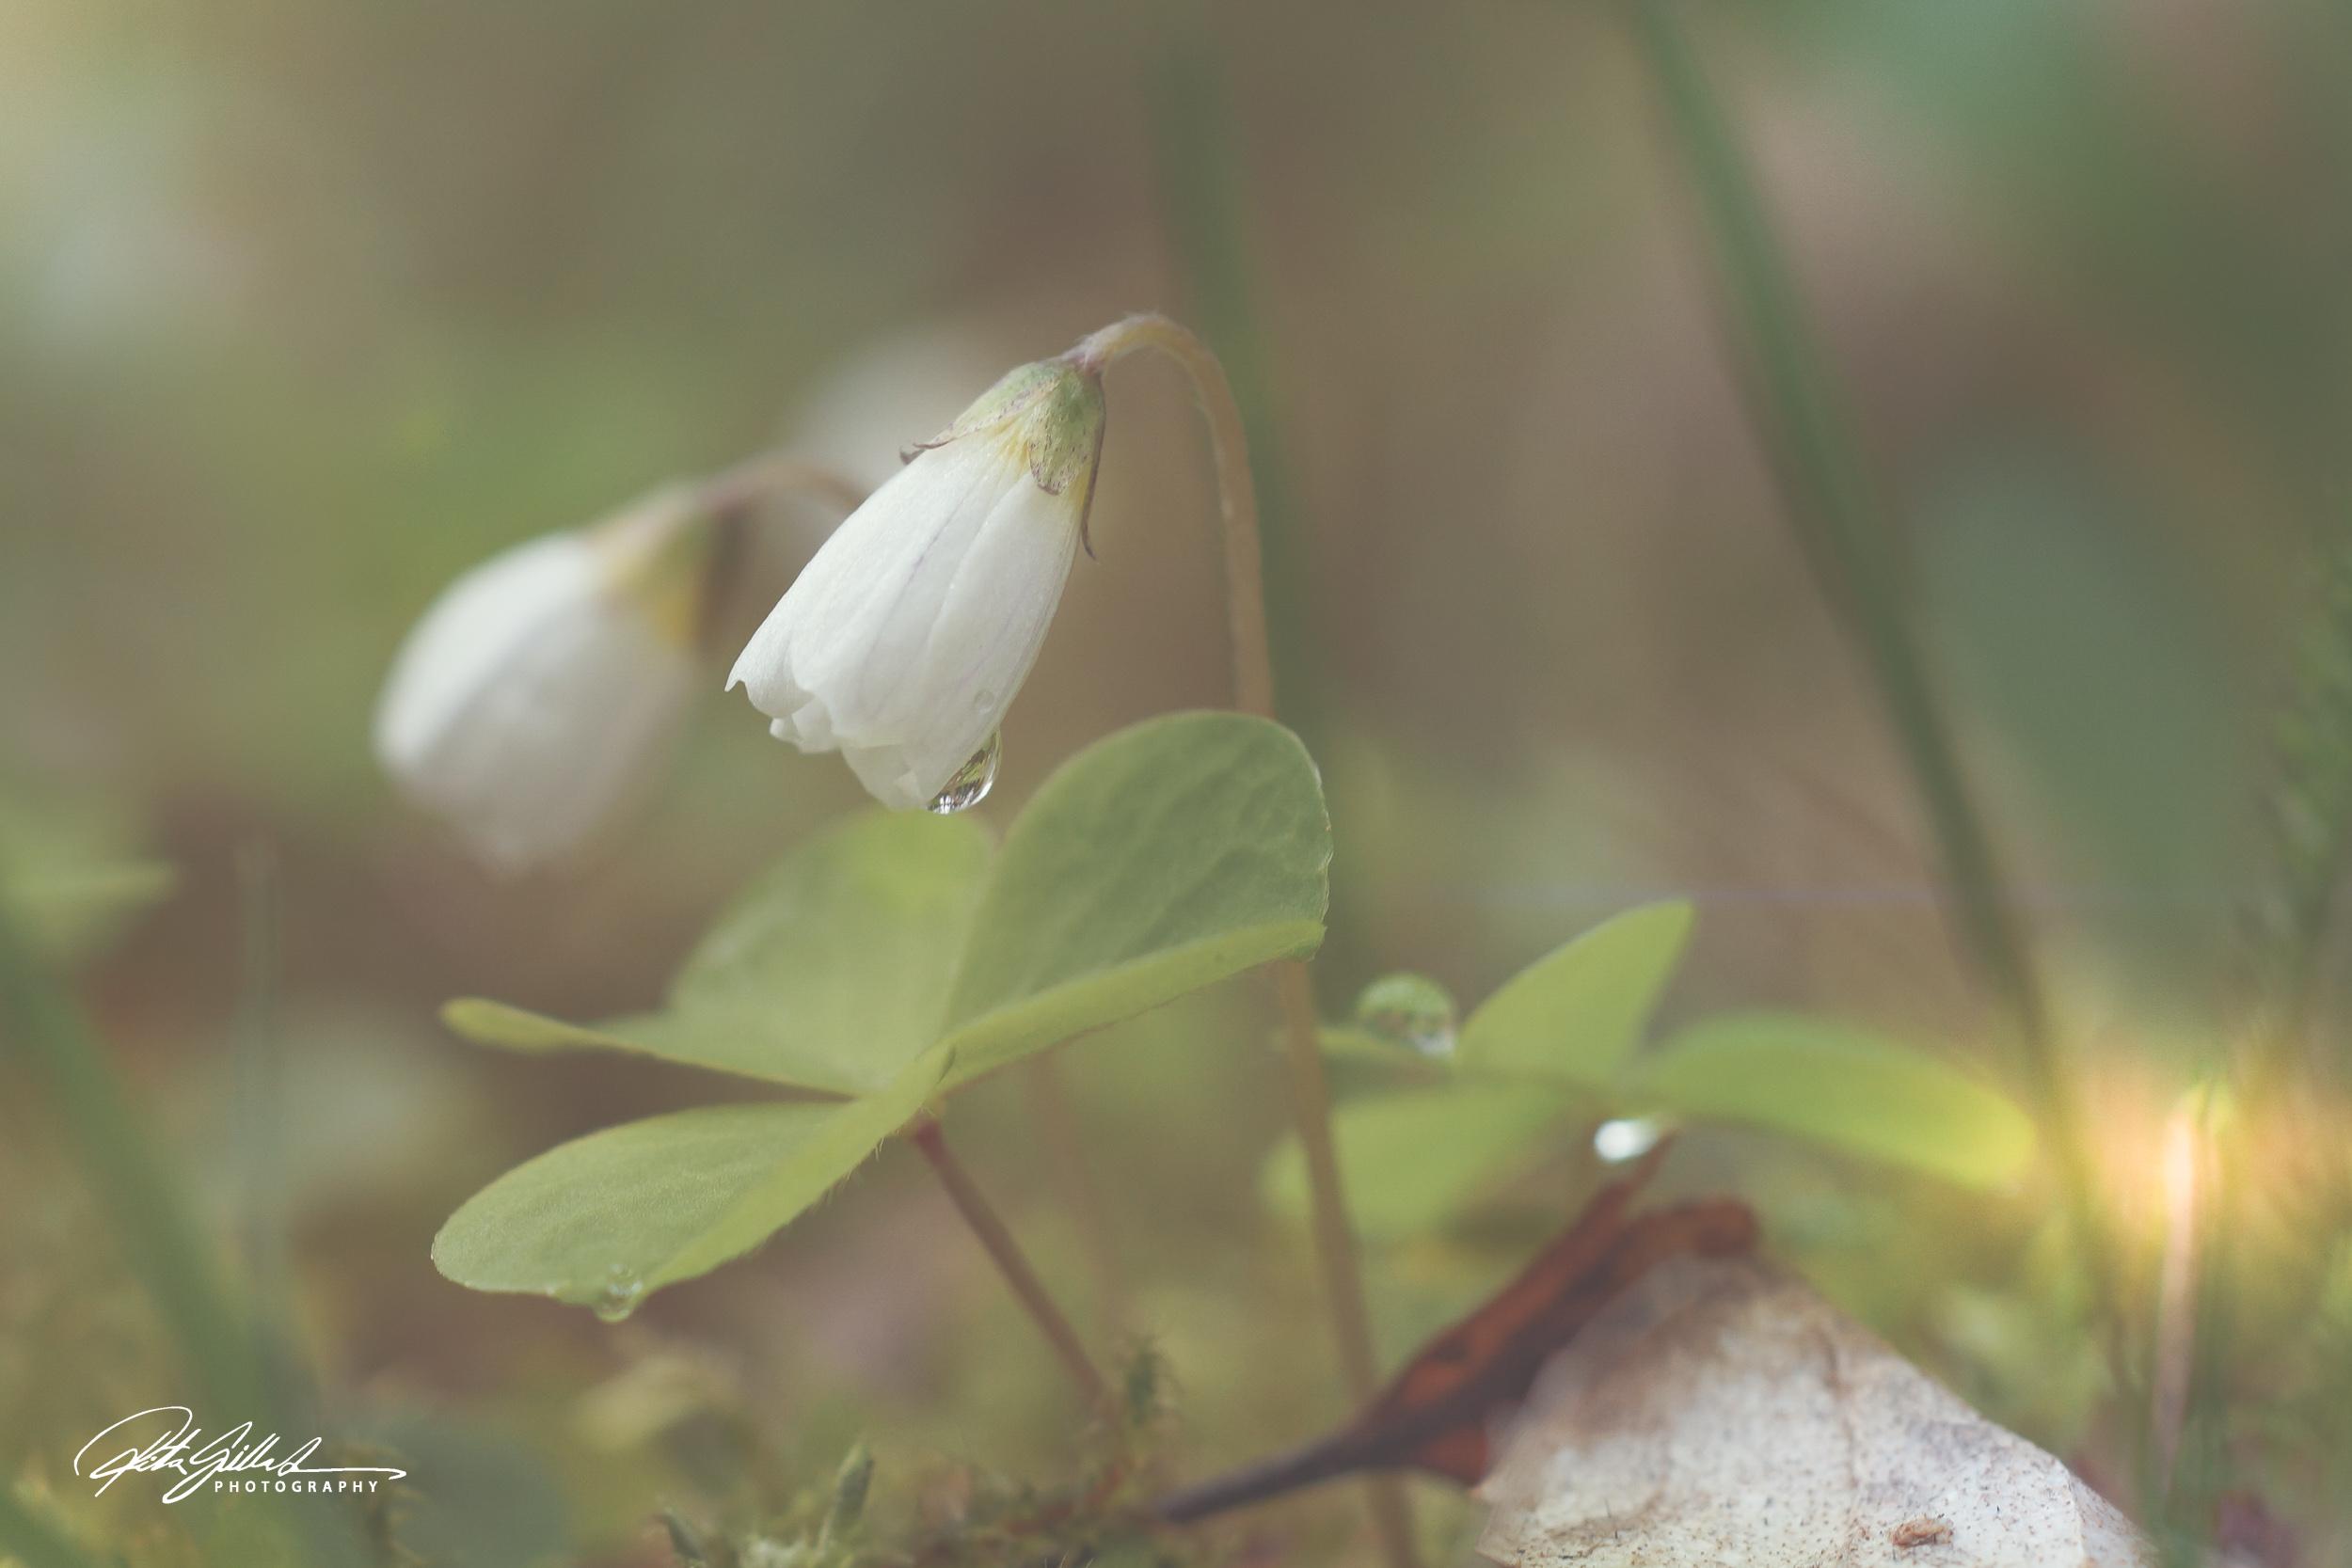 Spring 2019 – Wood sorrel 1